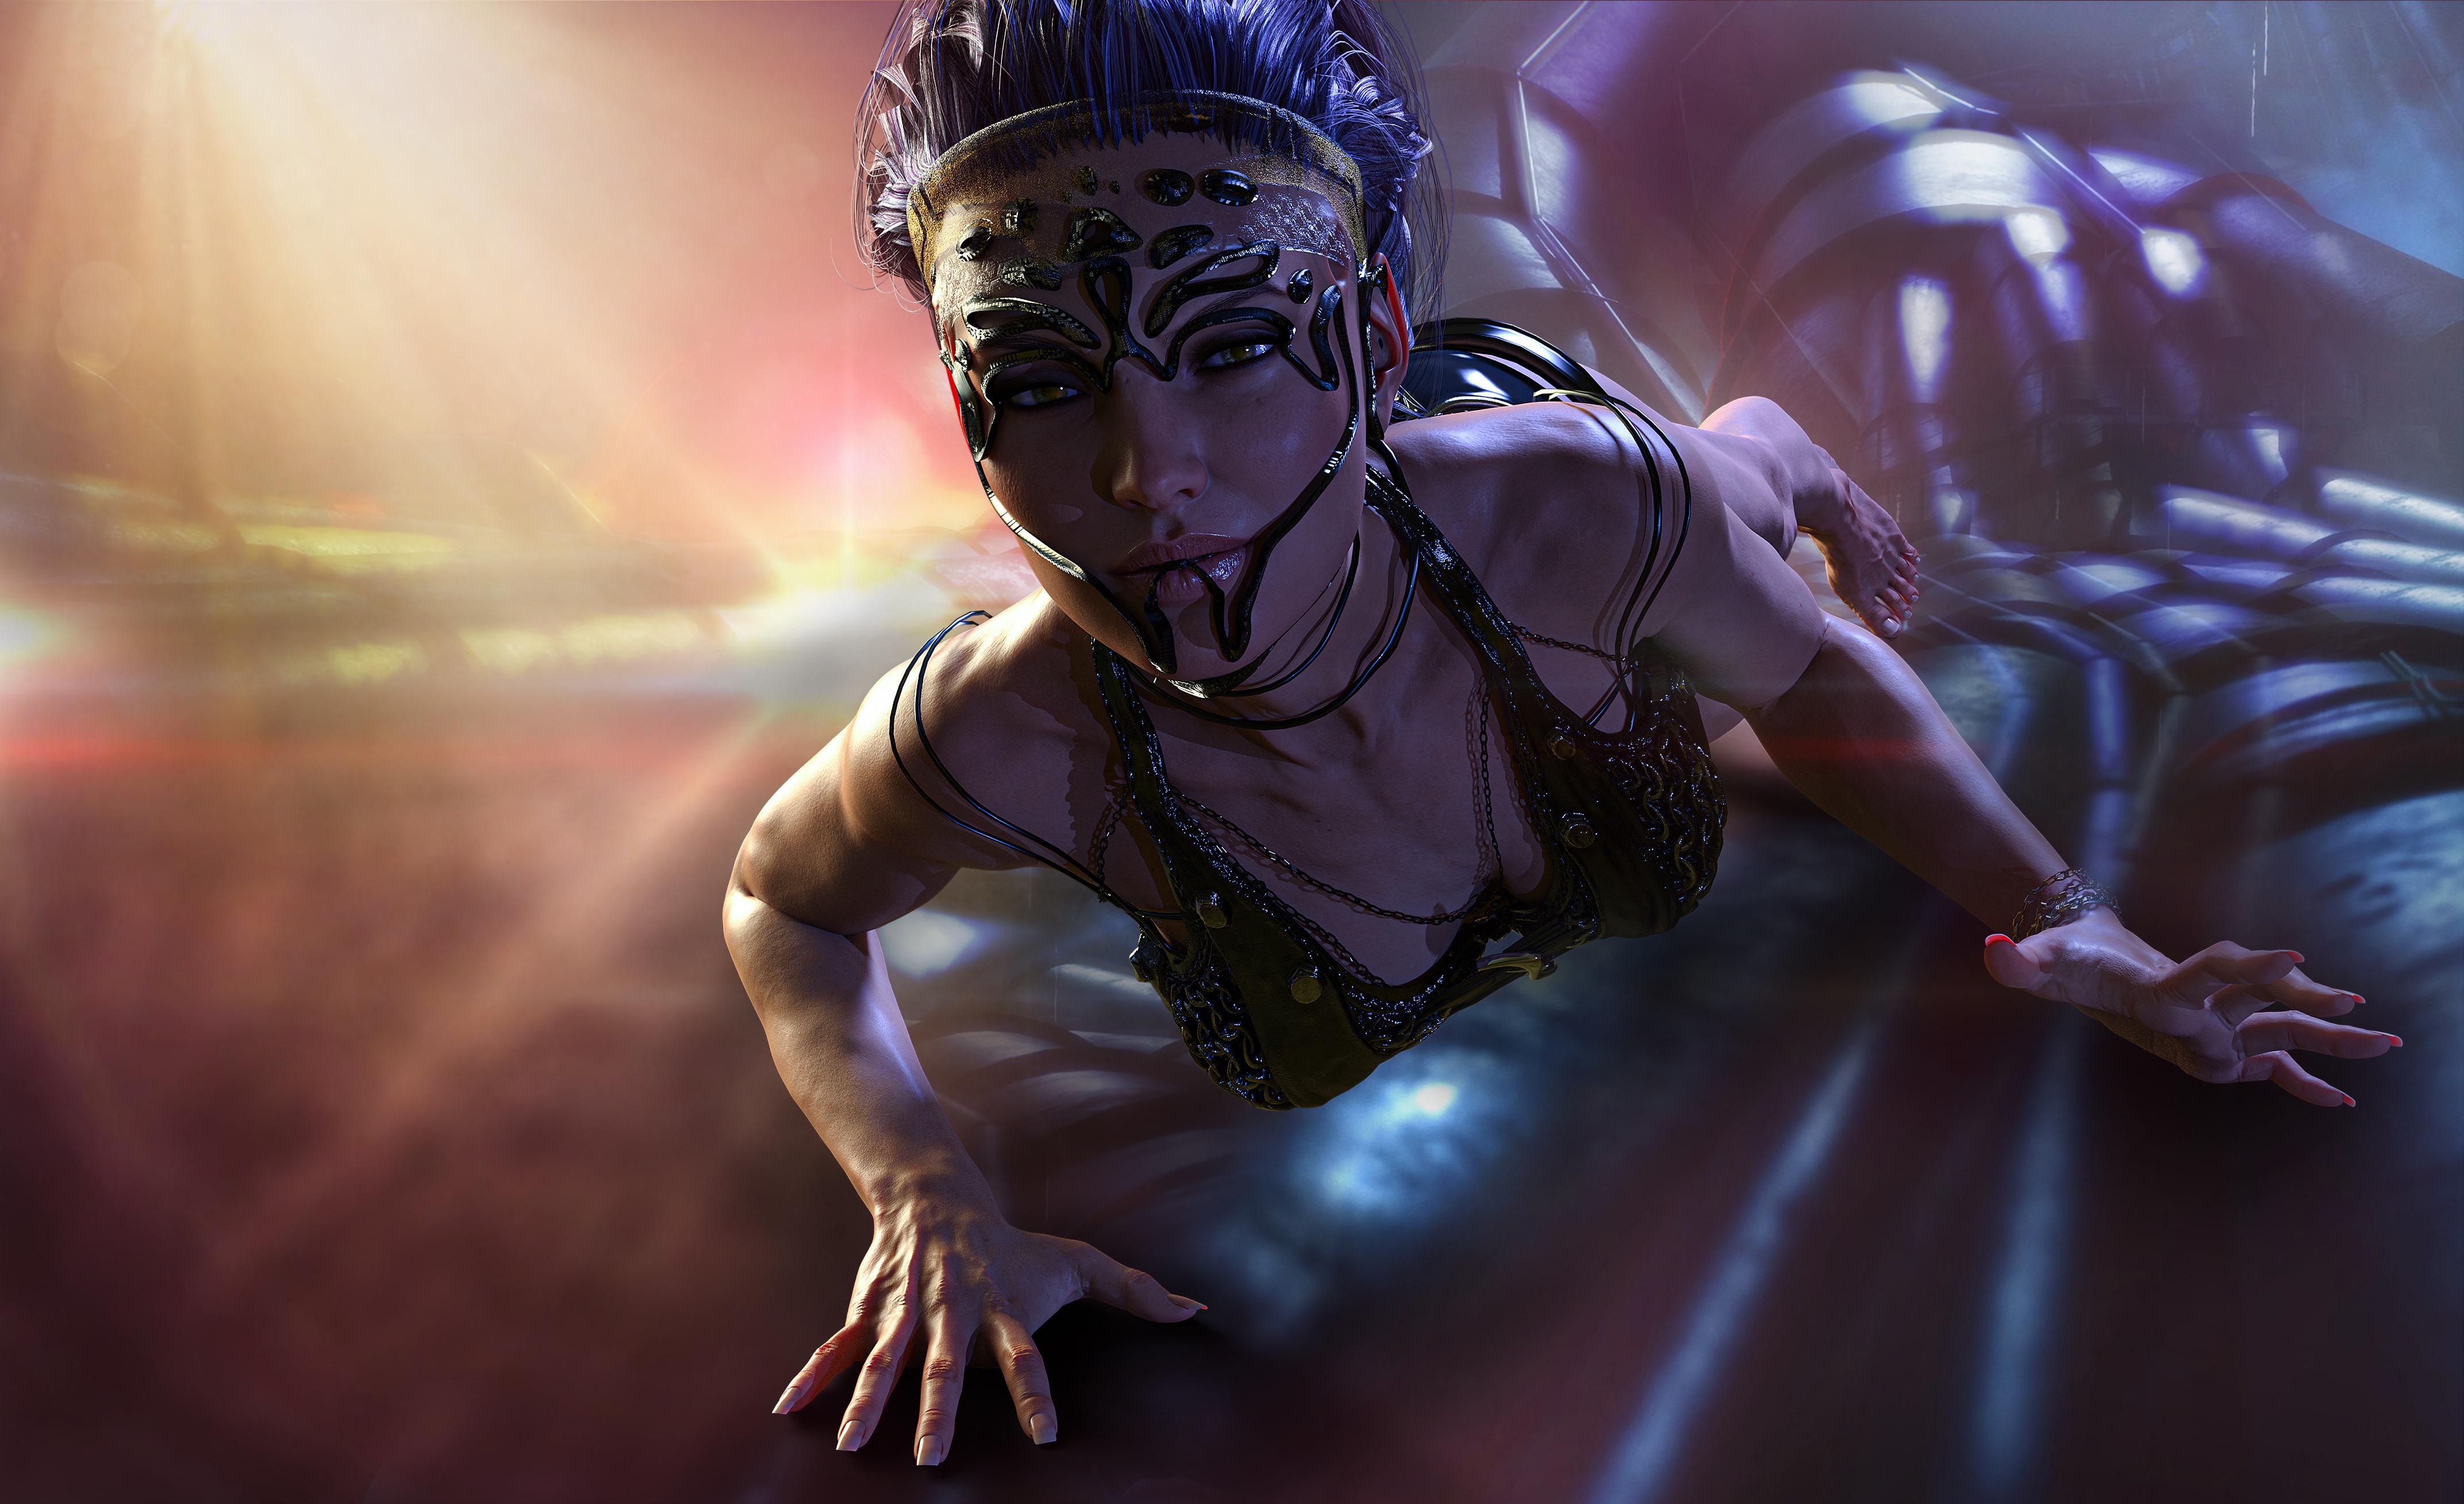 New 4K Cyberpunk Wallpaper, HD Fantasy 4K Wallpapers ...